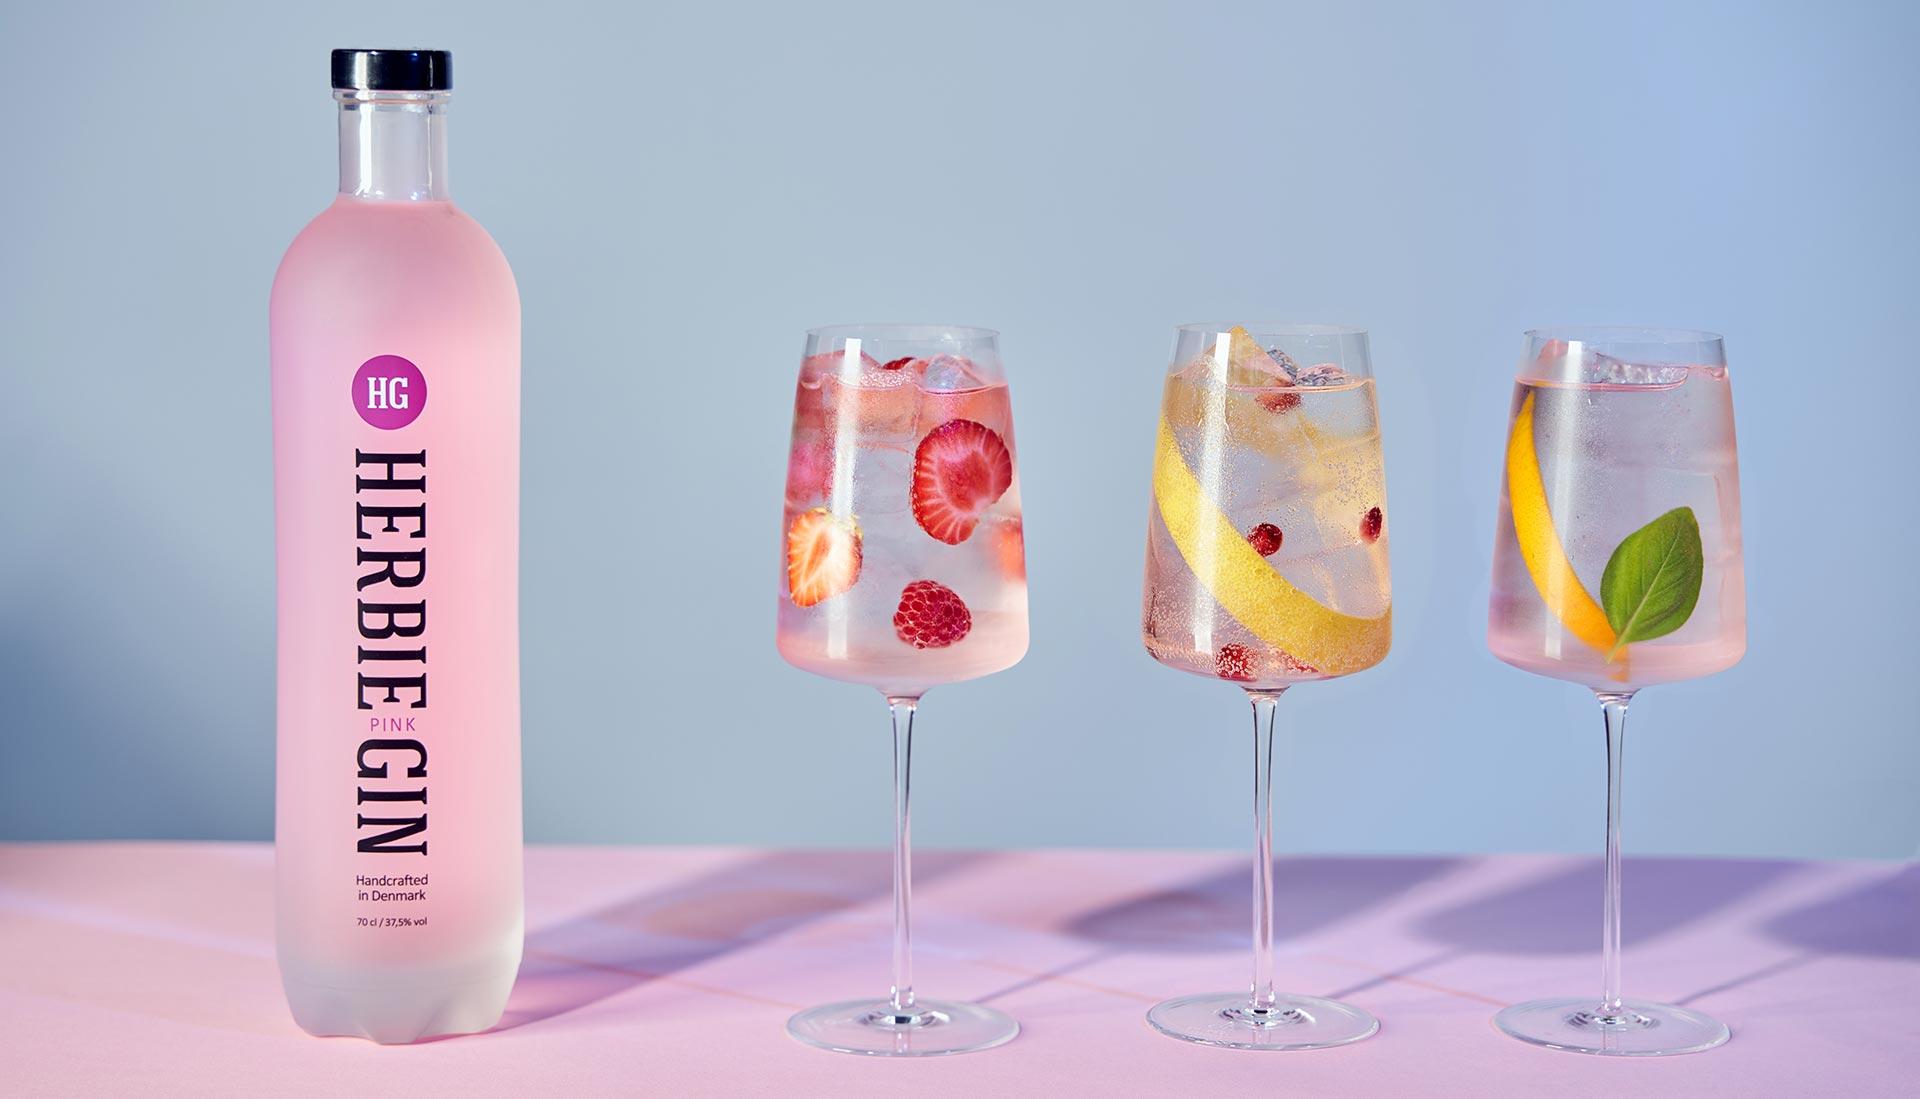 ginsmagning-drinks